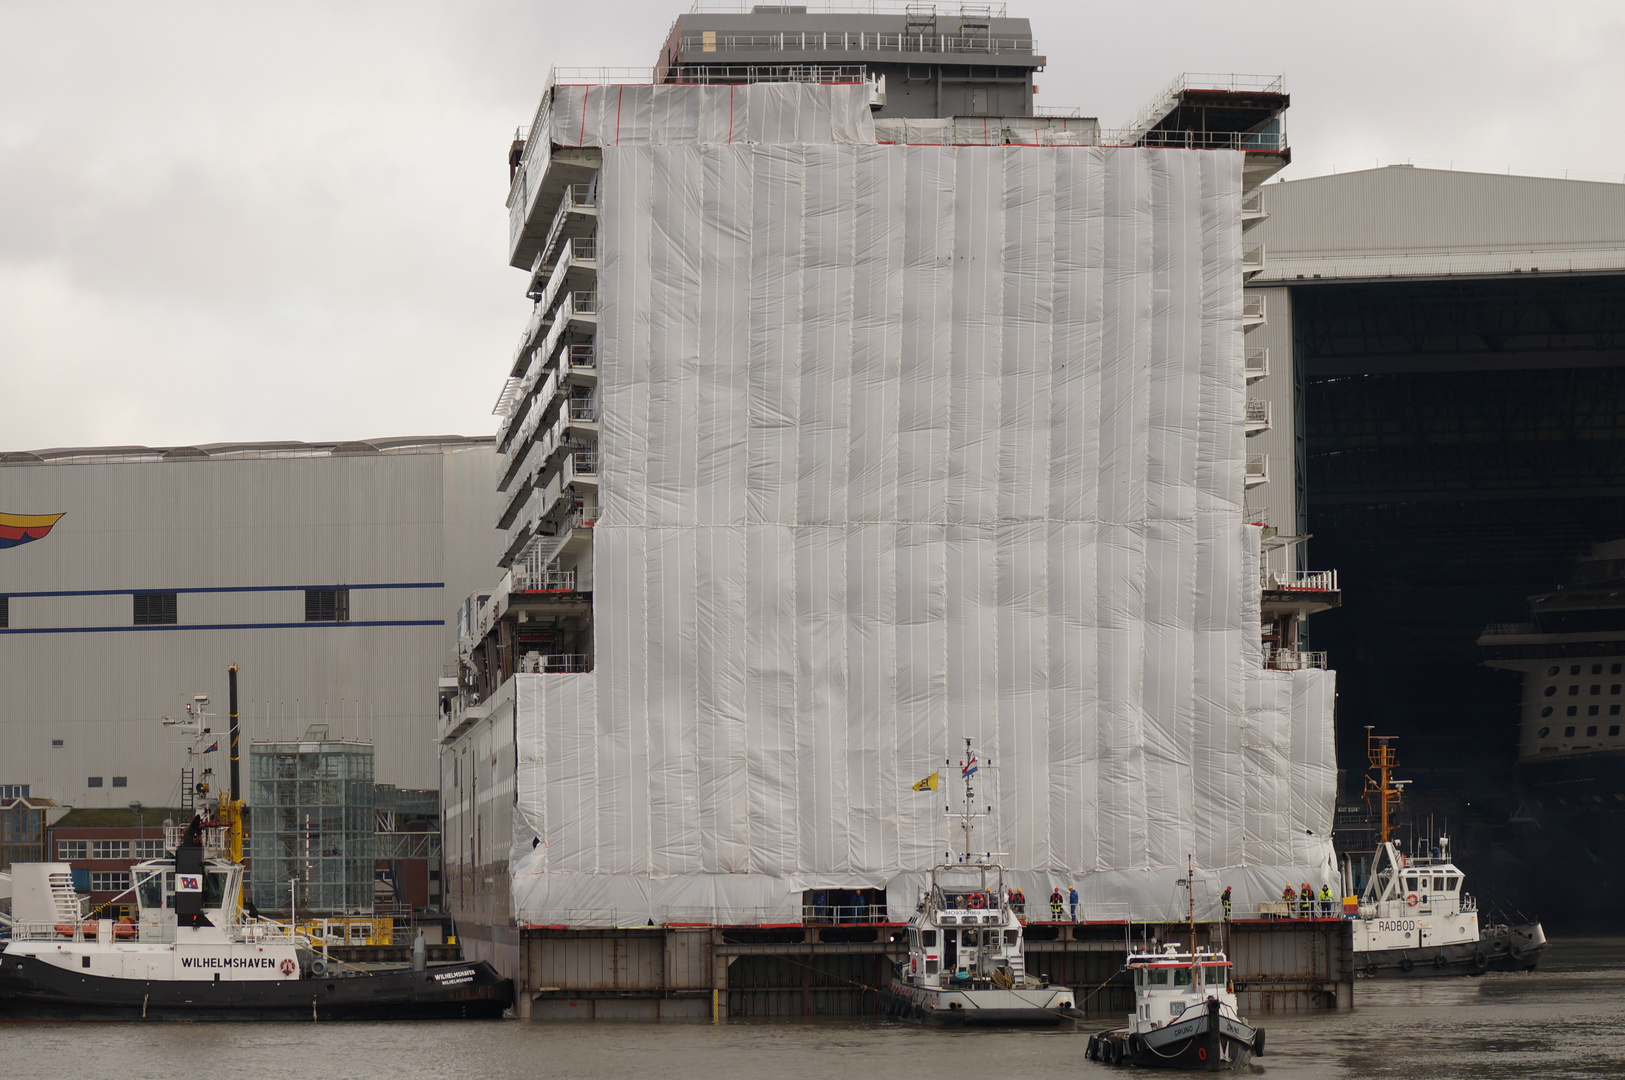 Ausdocken auf der Meyer Werft Teil 18